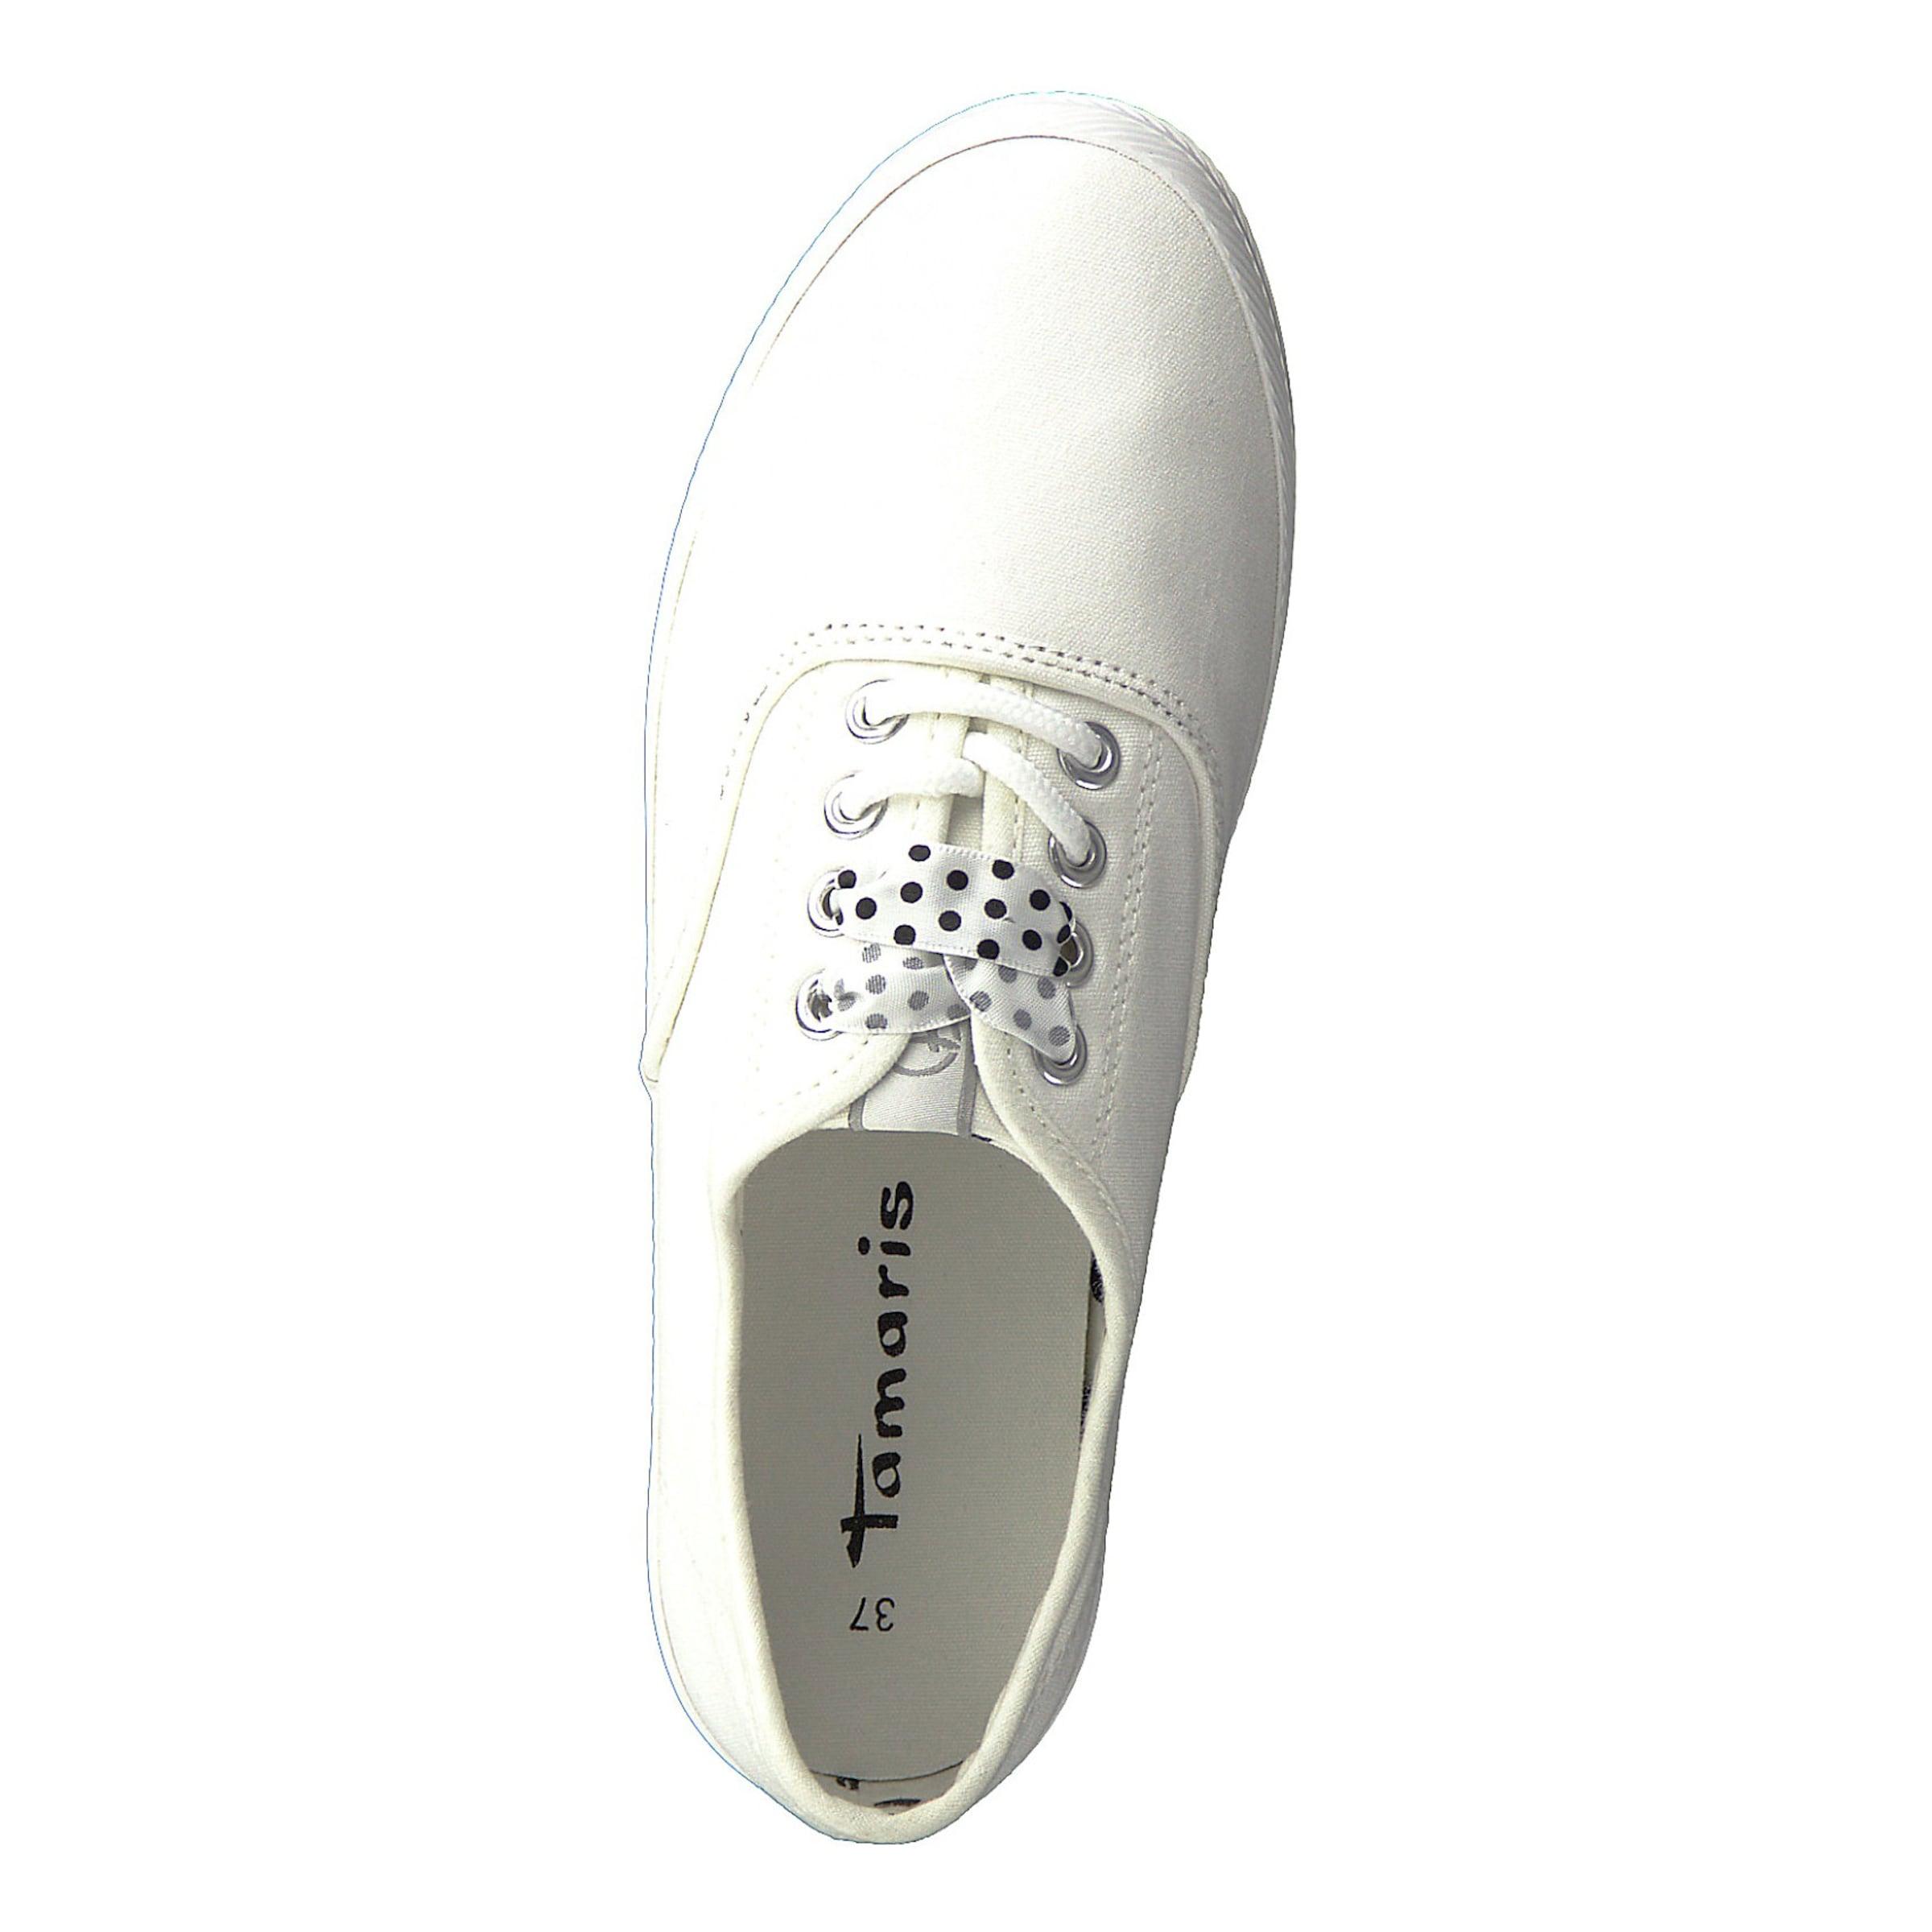 Weiß In Weiß Tamaris In Tamaris Schnürschuhe Tamaris Schnürschuhe Schnürschuhe In In Tamaris Schnürschuhe Weiß 0PXkO8nw